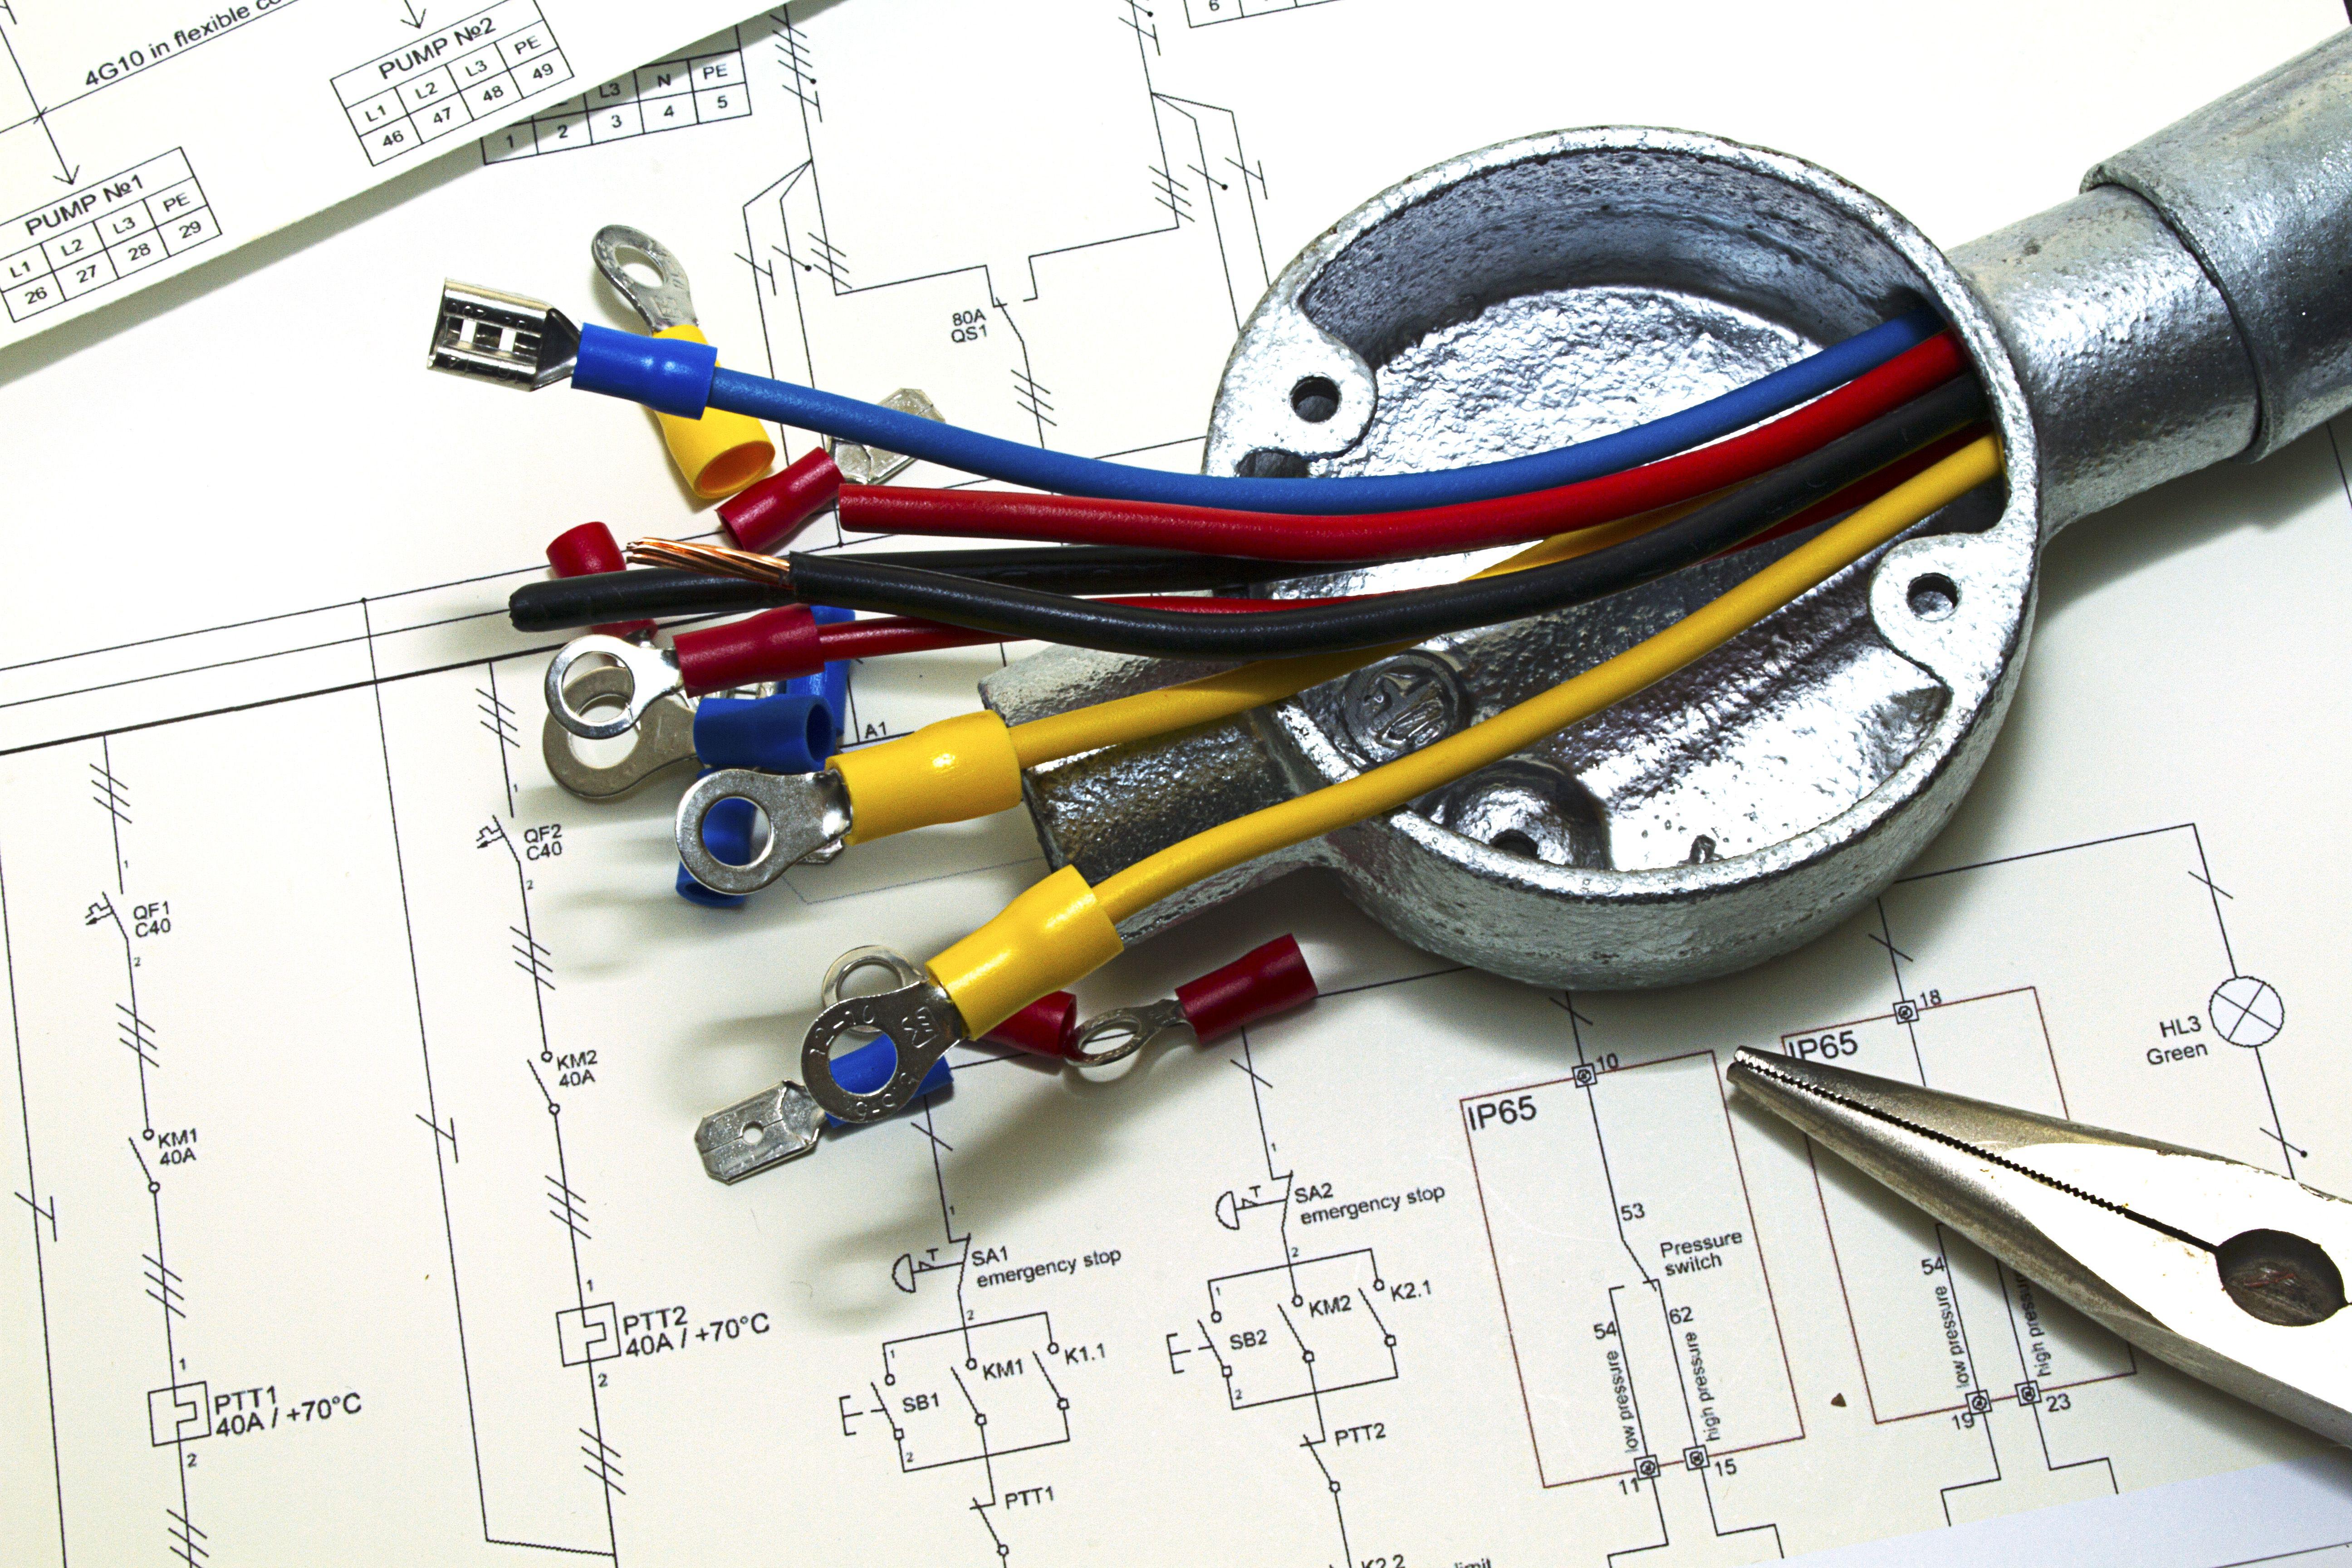 Reparaciones e instalaciones eléctricas en Murcia